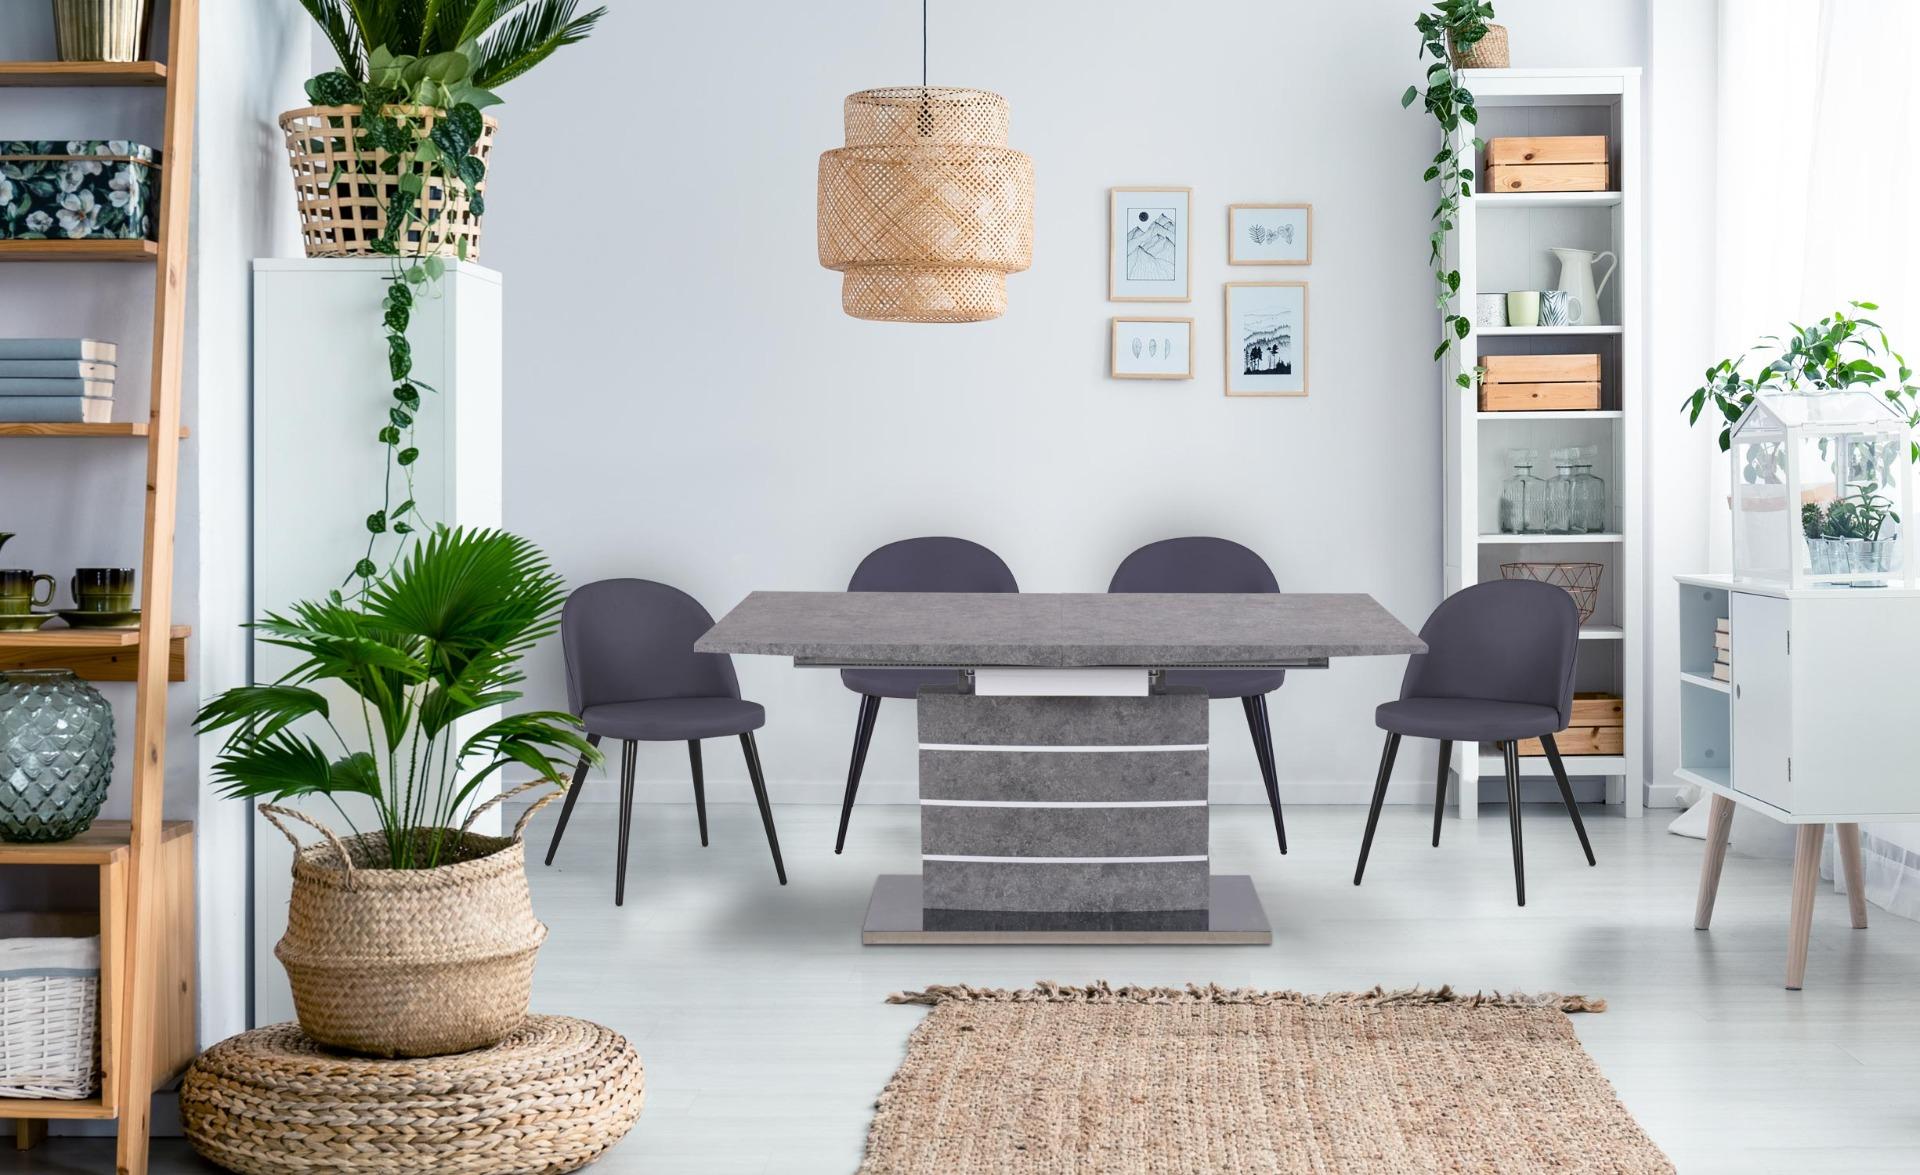 Tavolo allungabile Bilma ad effetto cemento